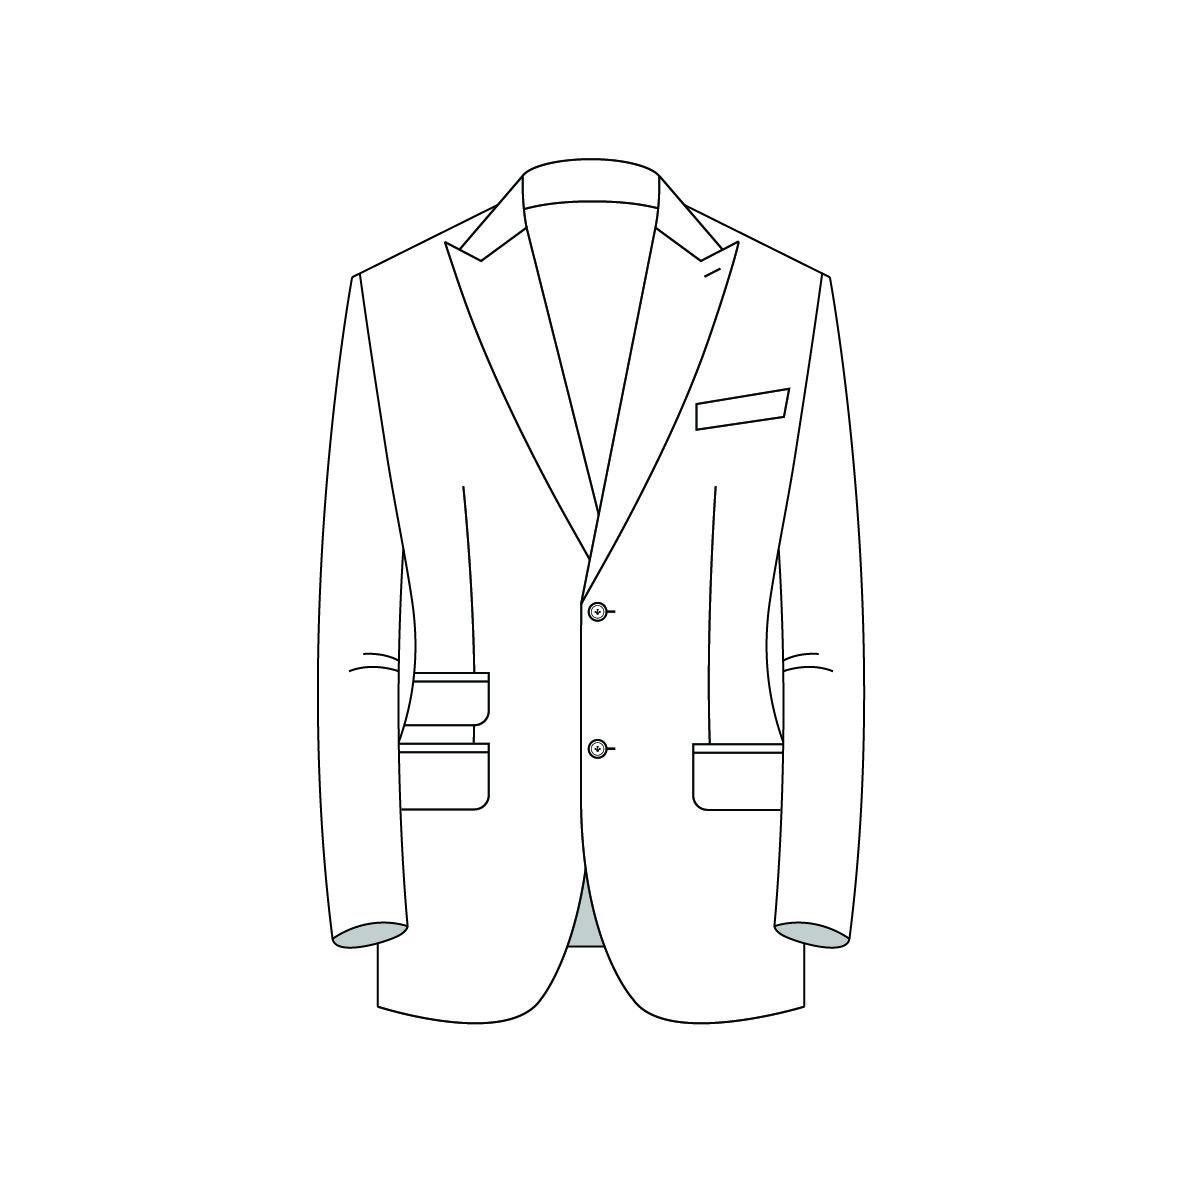 Senzio Garment Jacket 24